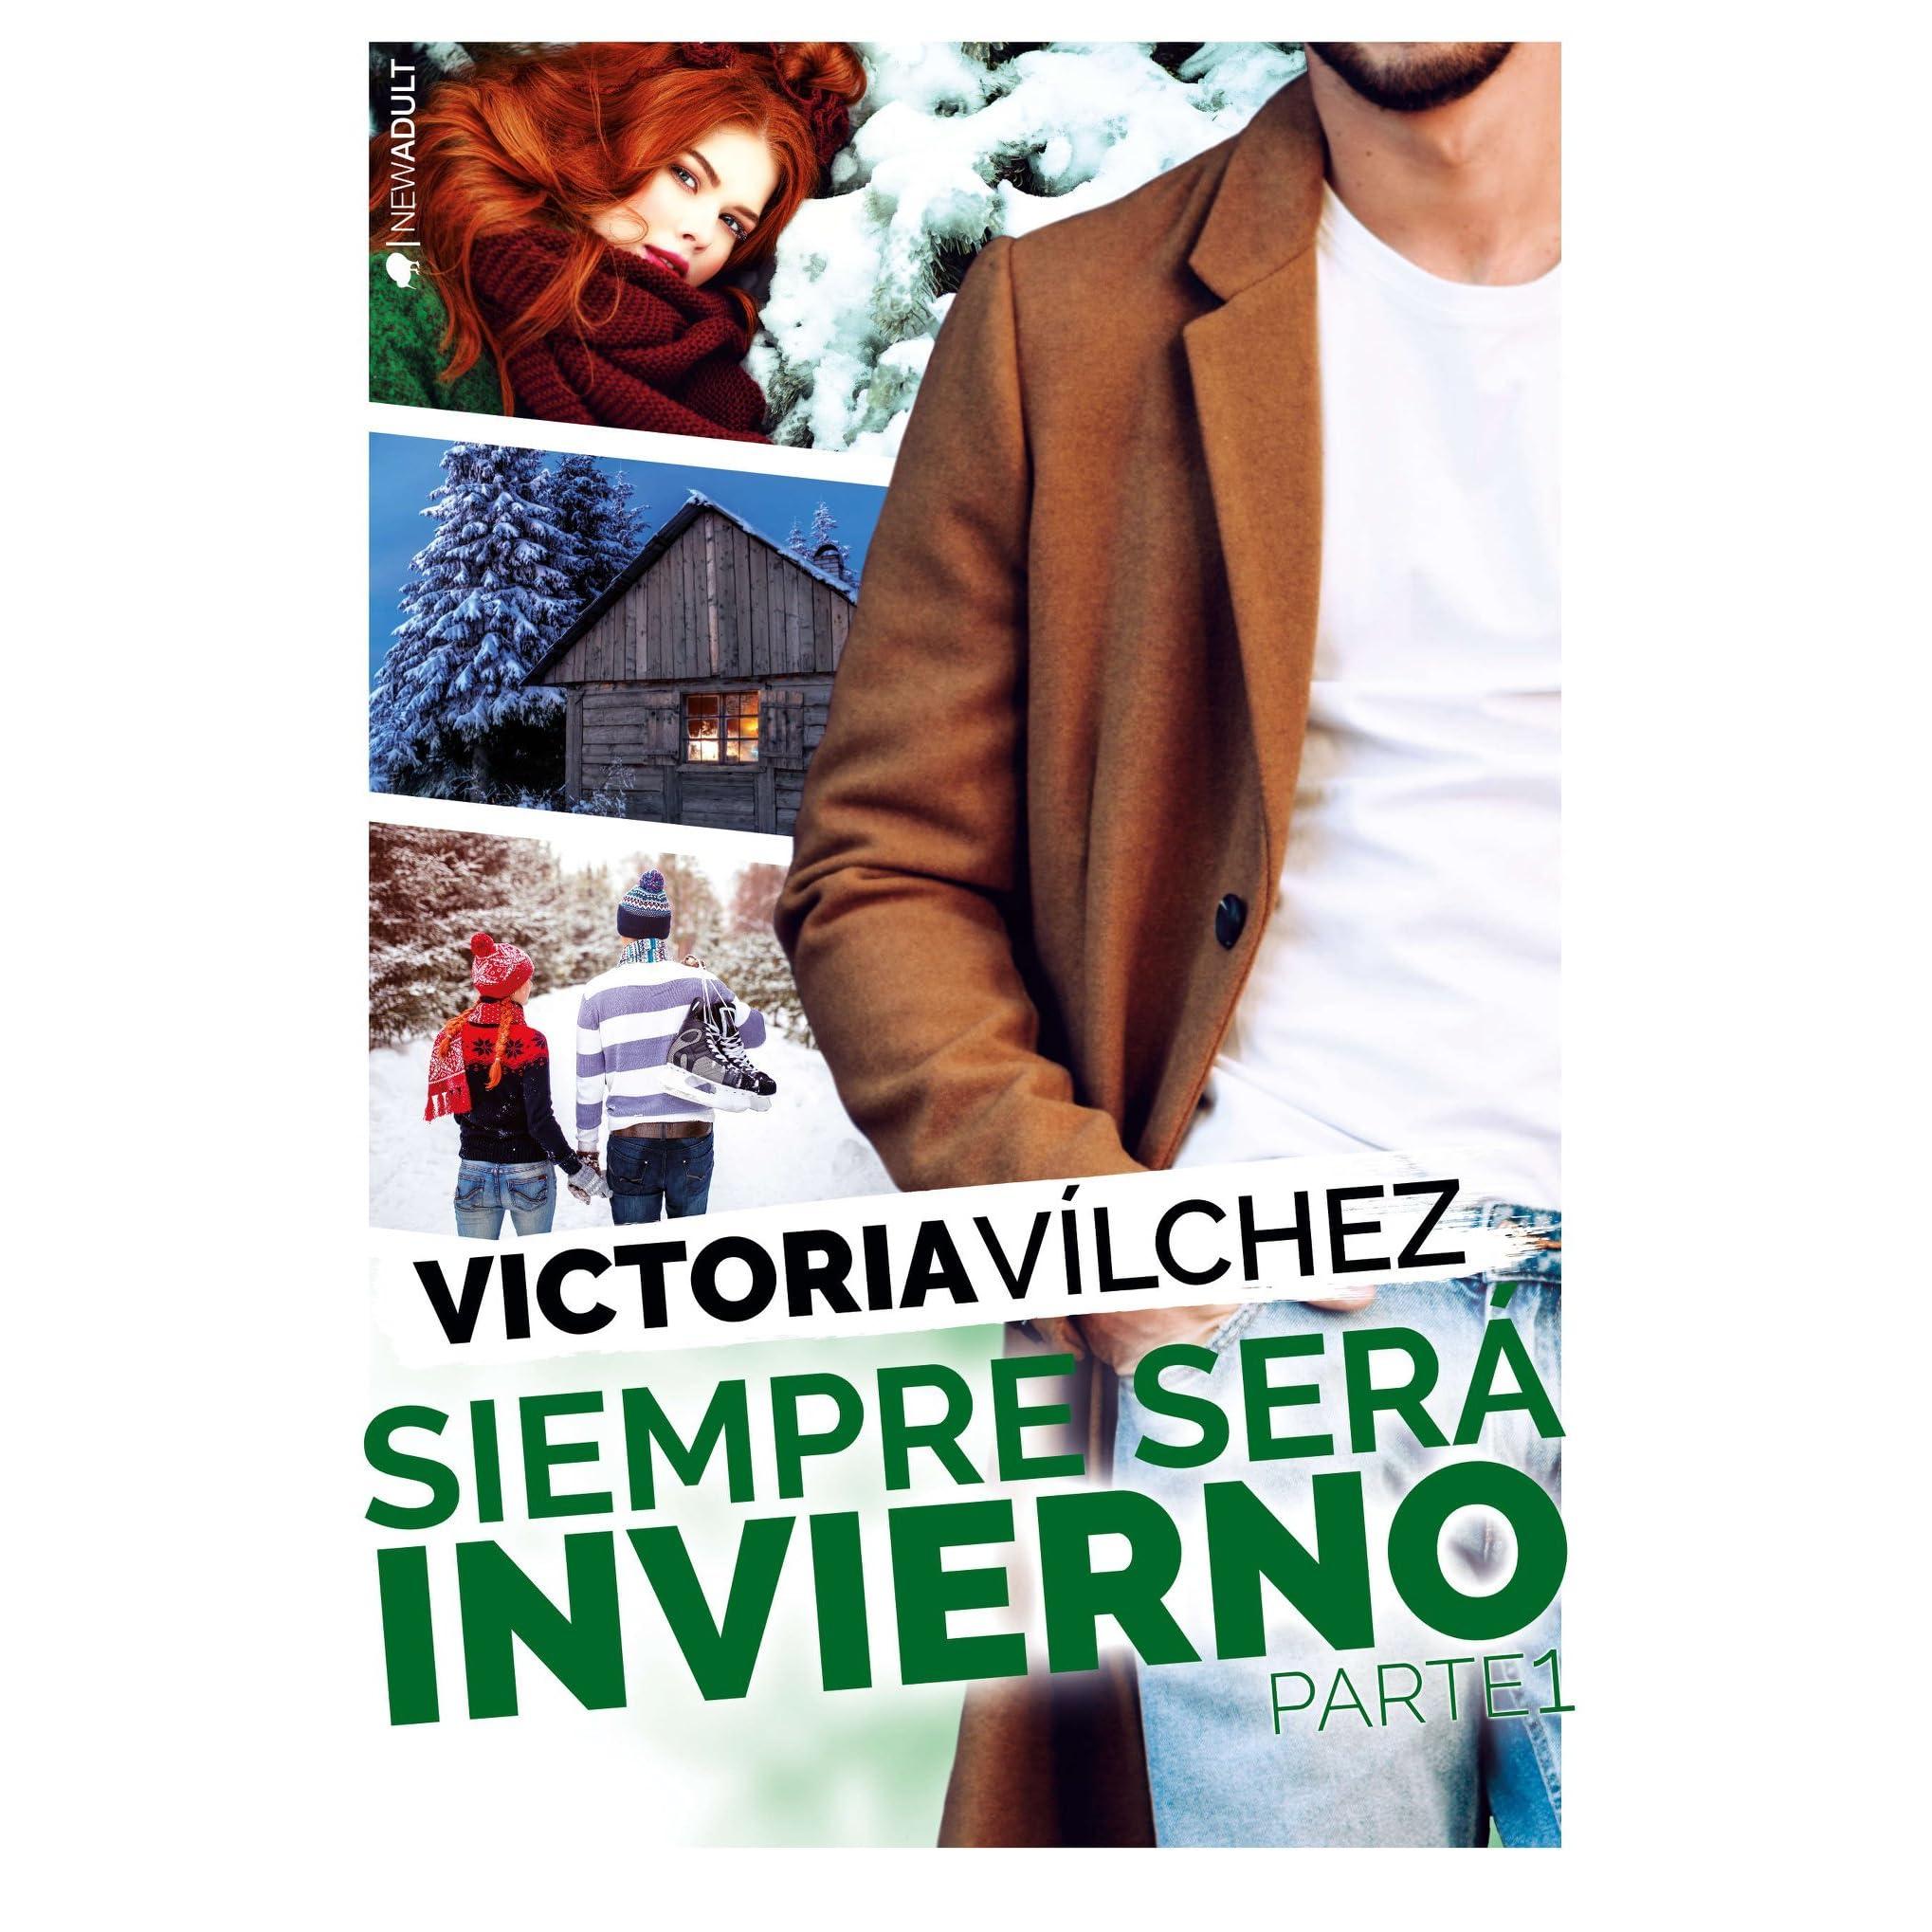 Siempre será invierno - Victoria Vílchez 42935521._UY2038_SS2038_